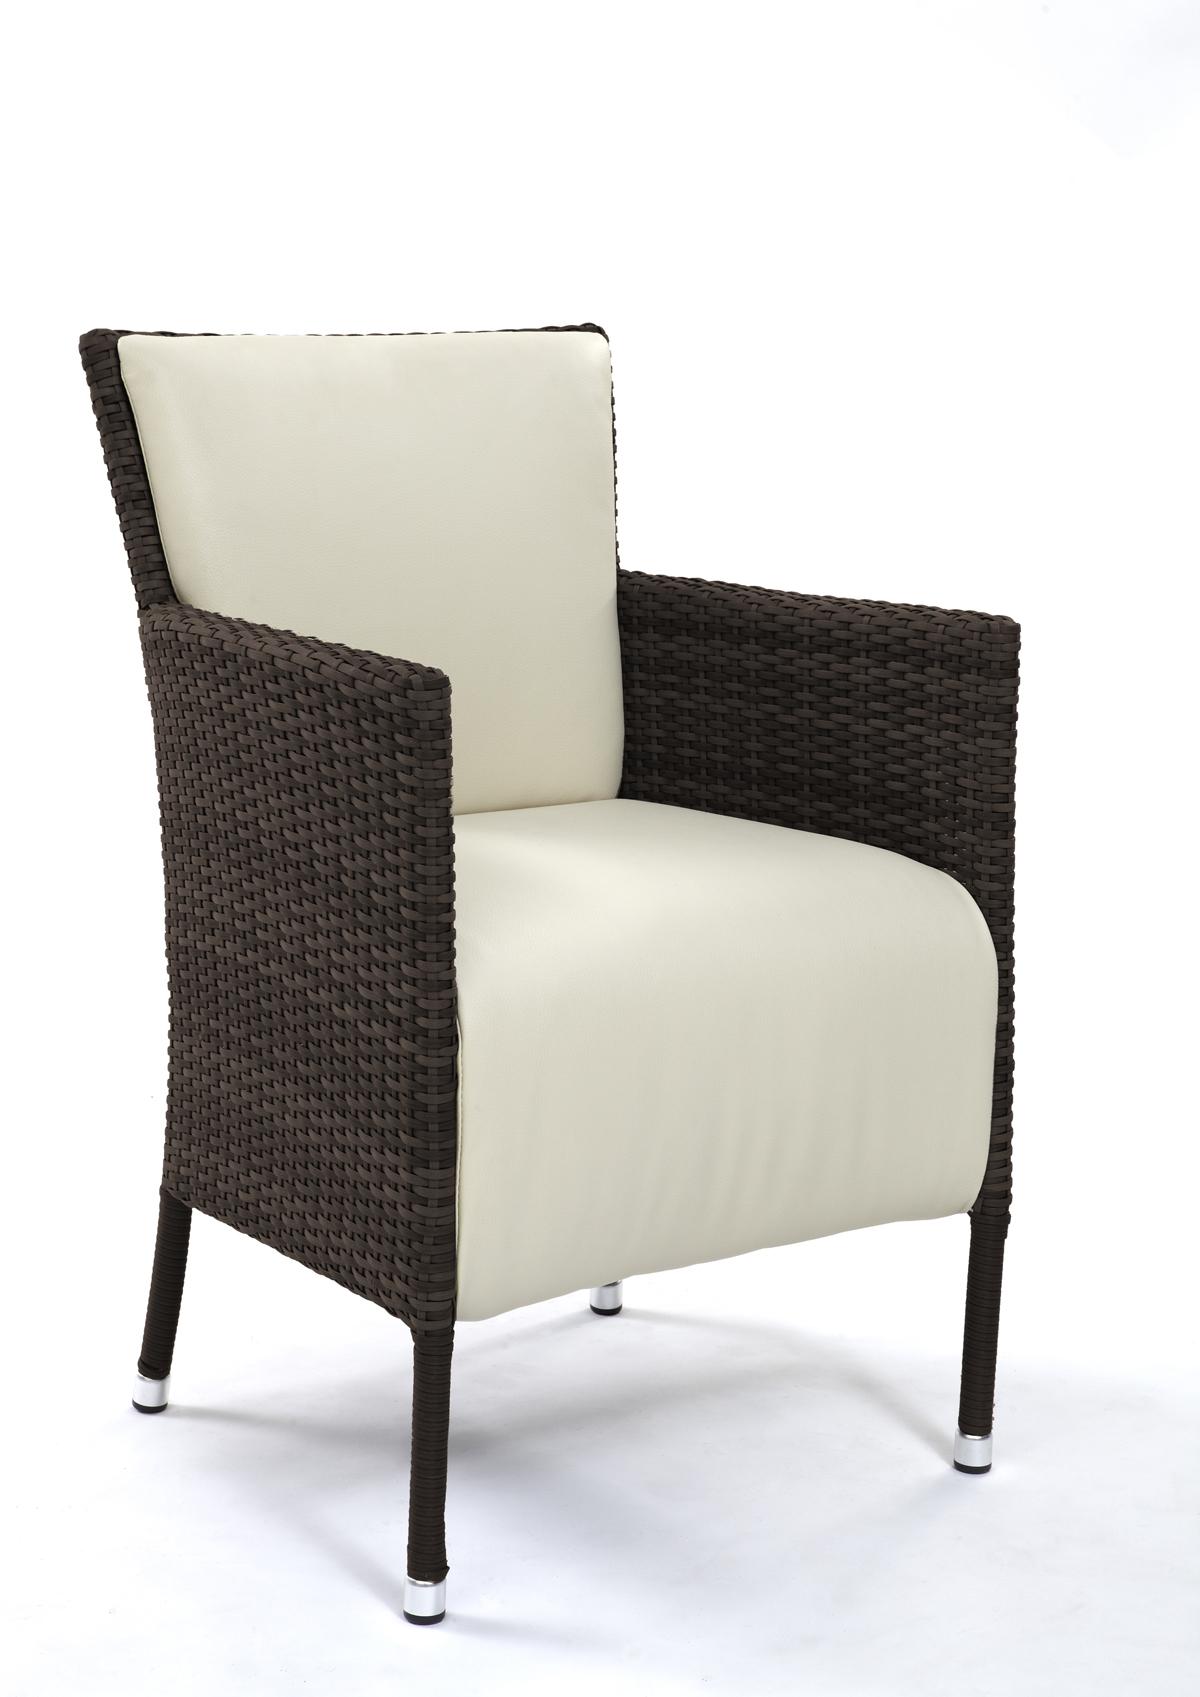 designer gartenst hle g nstig kaufen. Black Bedroom Furniture Sets. Home Design Ideas